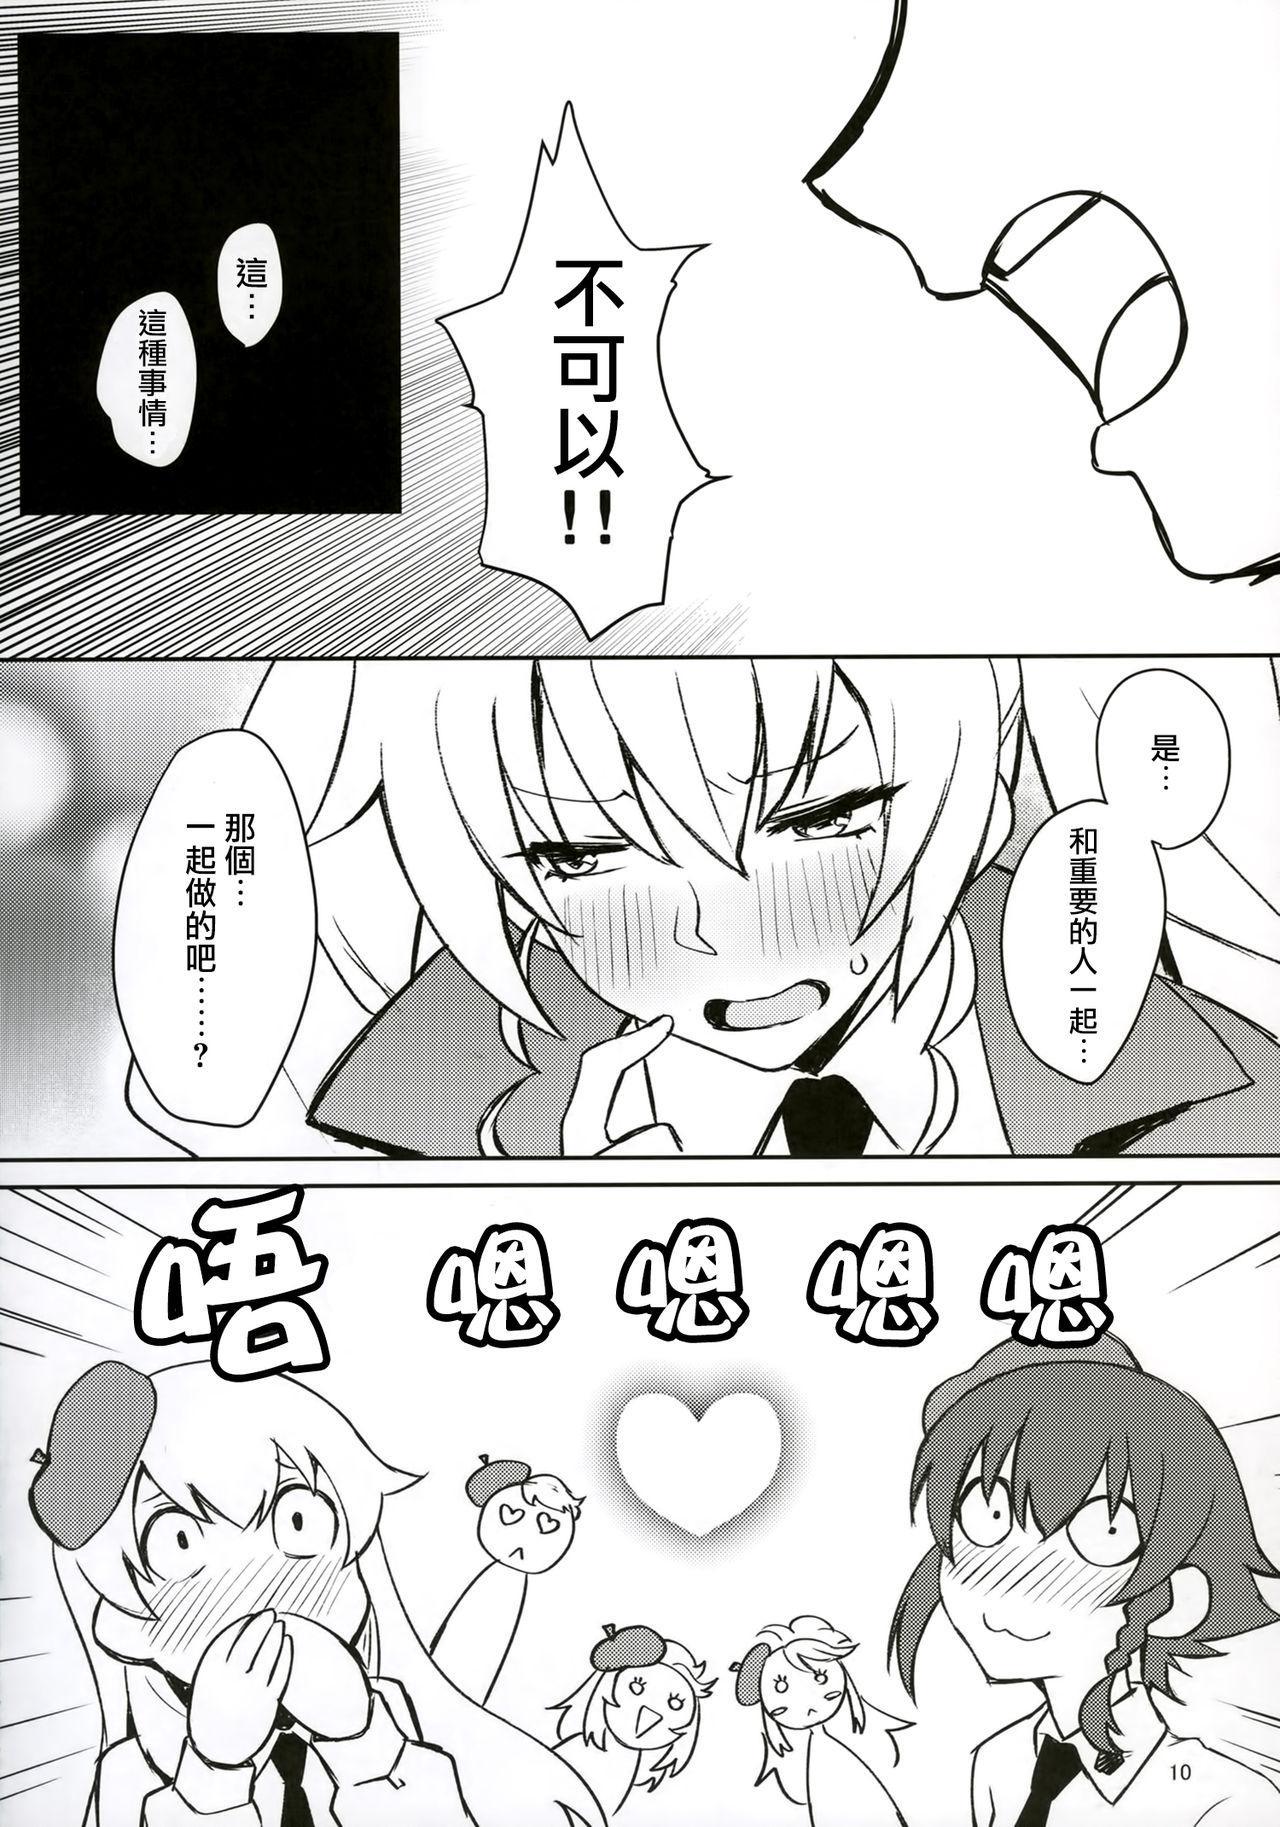 Futanari-san Team vs Duce 8